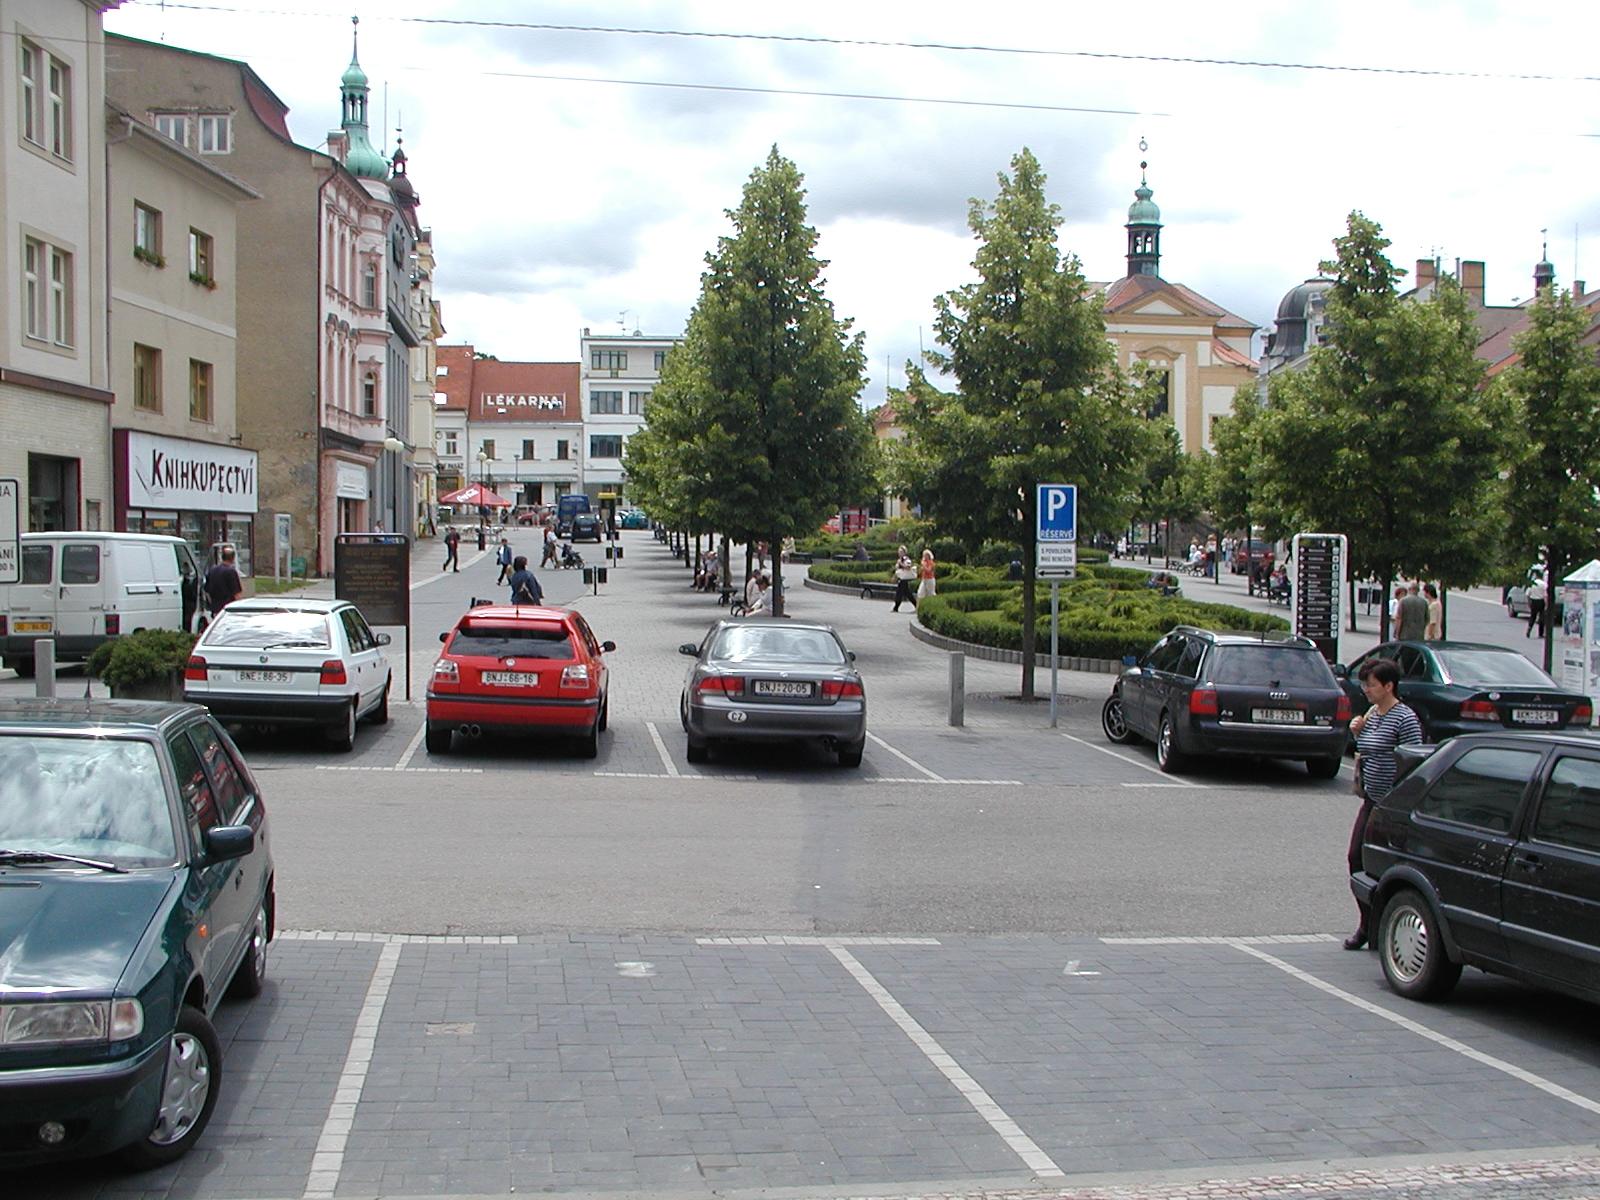 Beneschau (Groß-Deutschland)